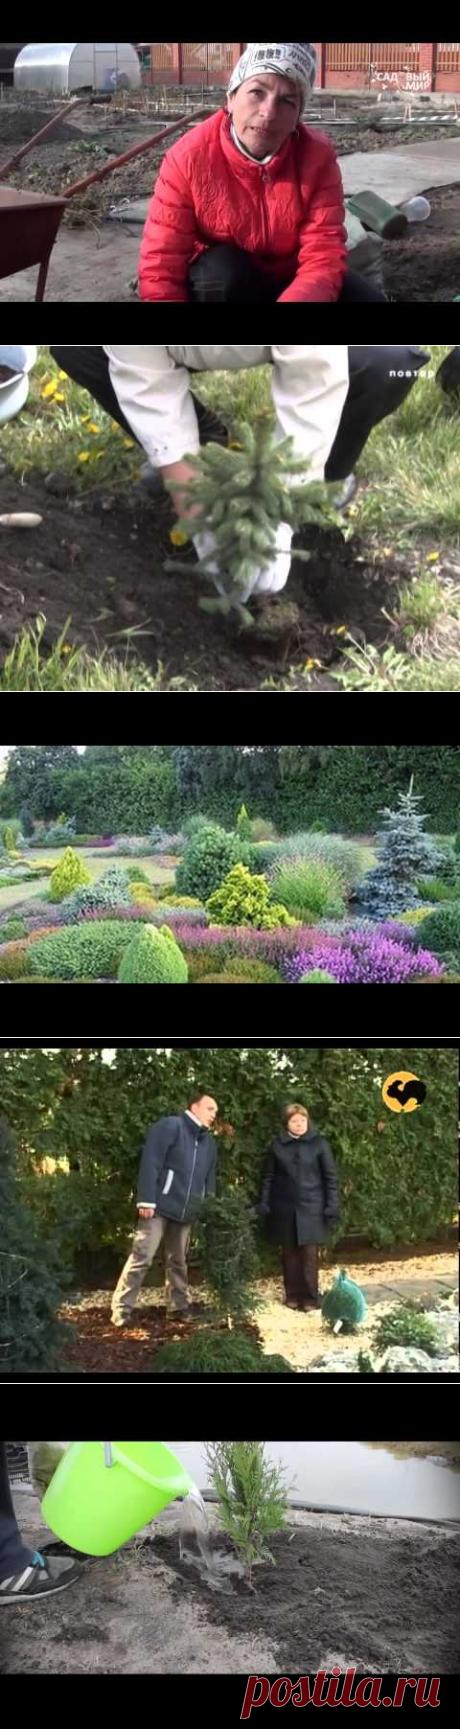 """Поздняя посадка хвойных растений Посадка на глине.Сайт """"Садовый мир"""" - YouTube"""